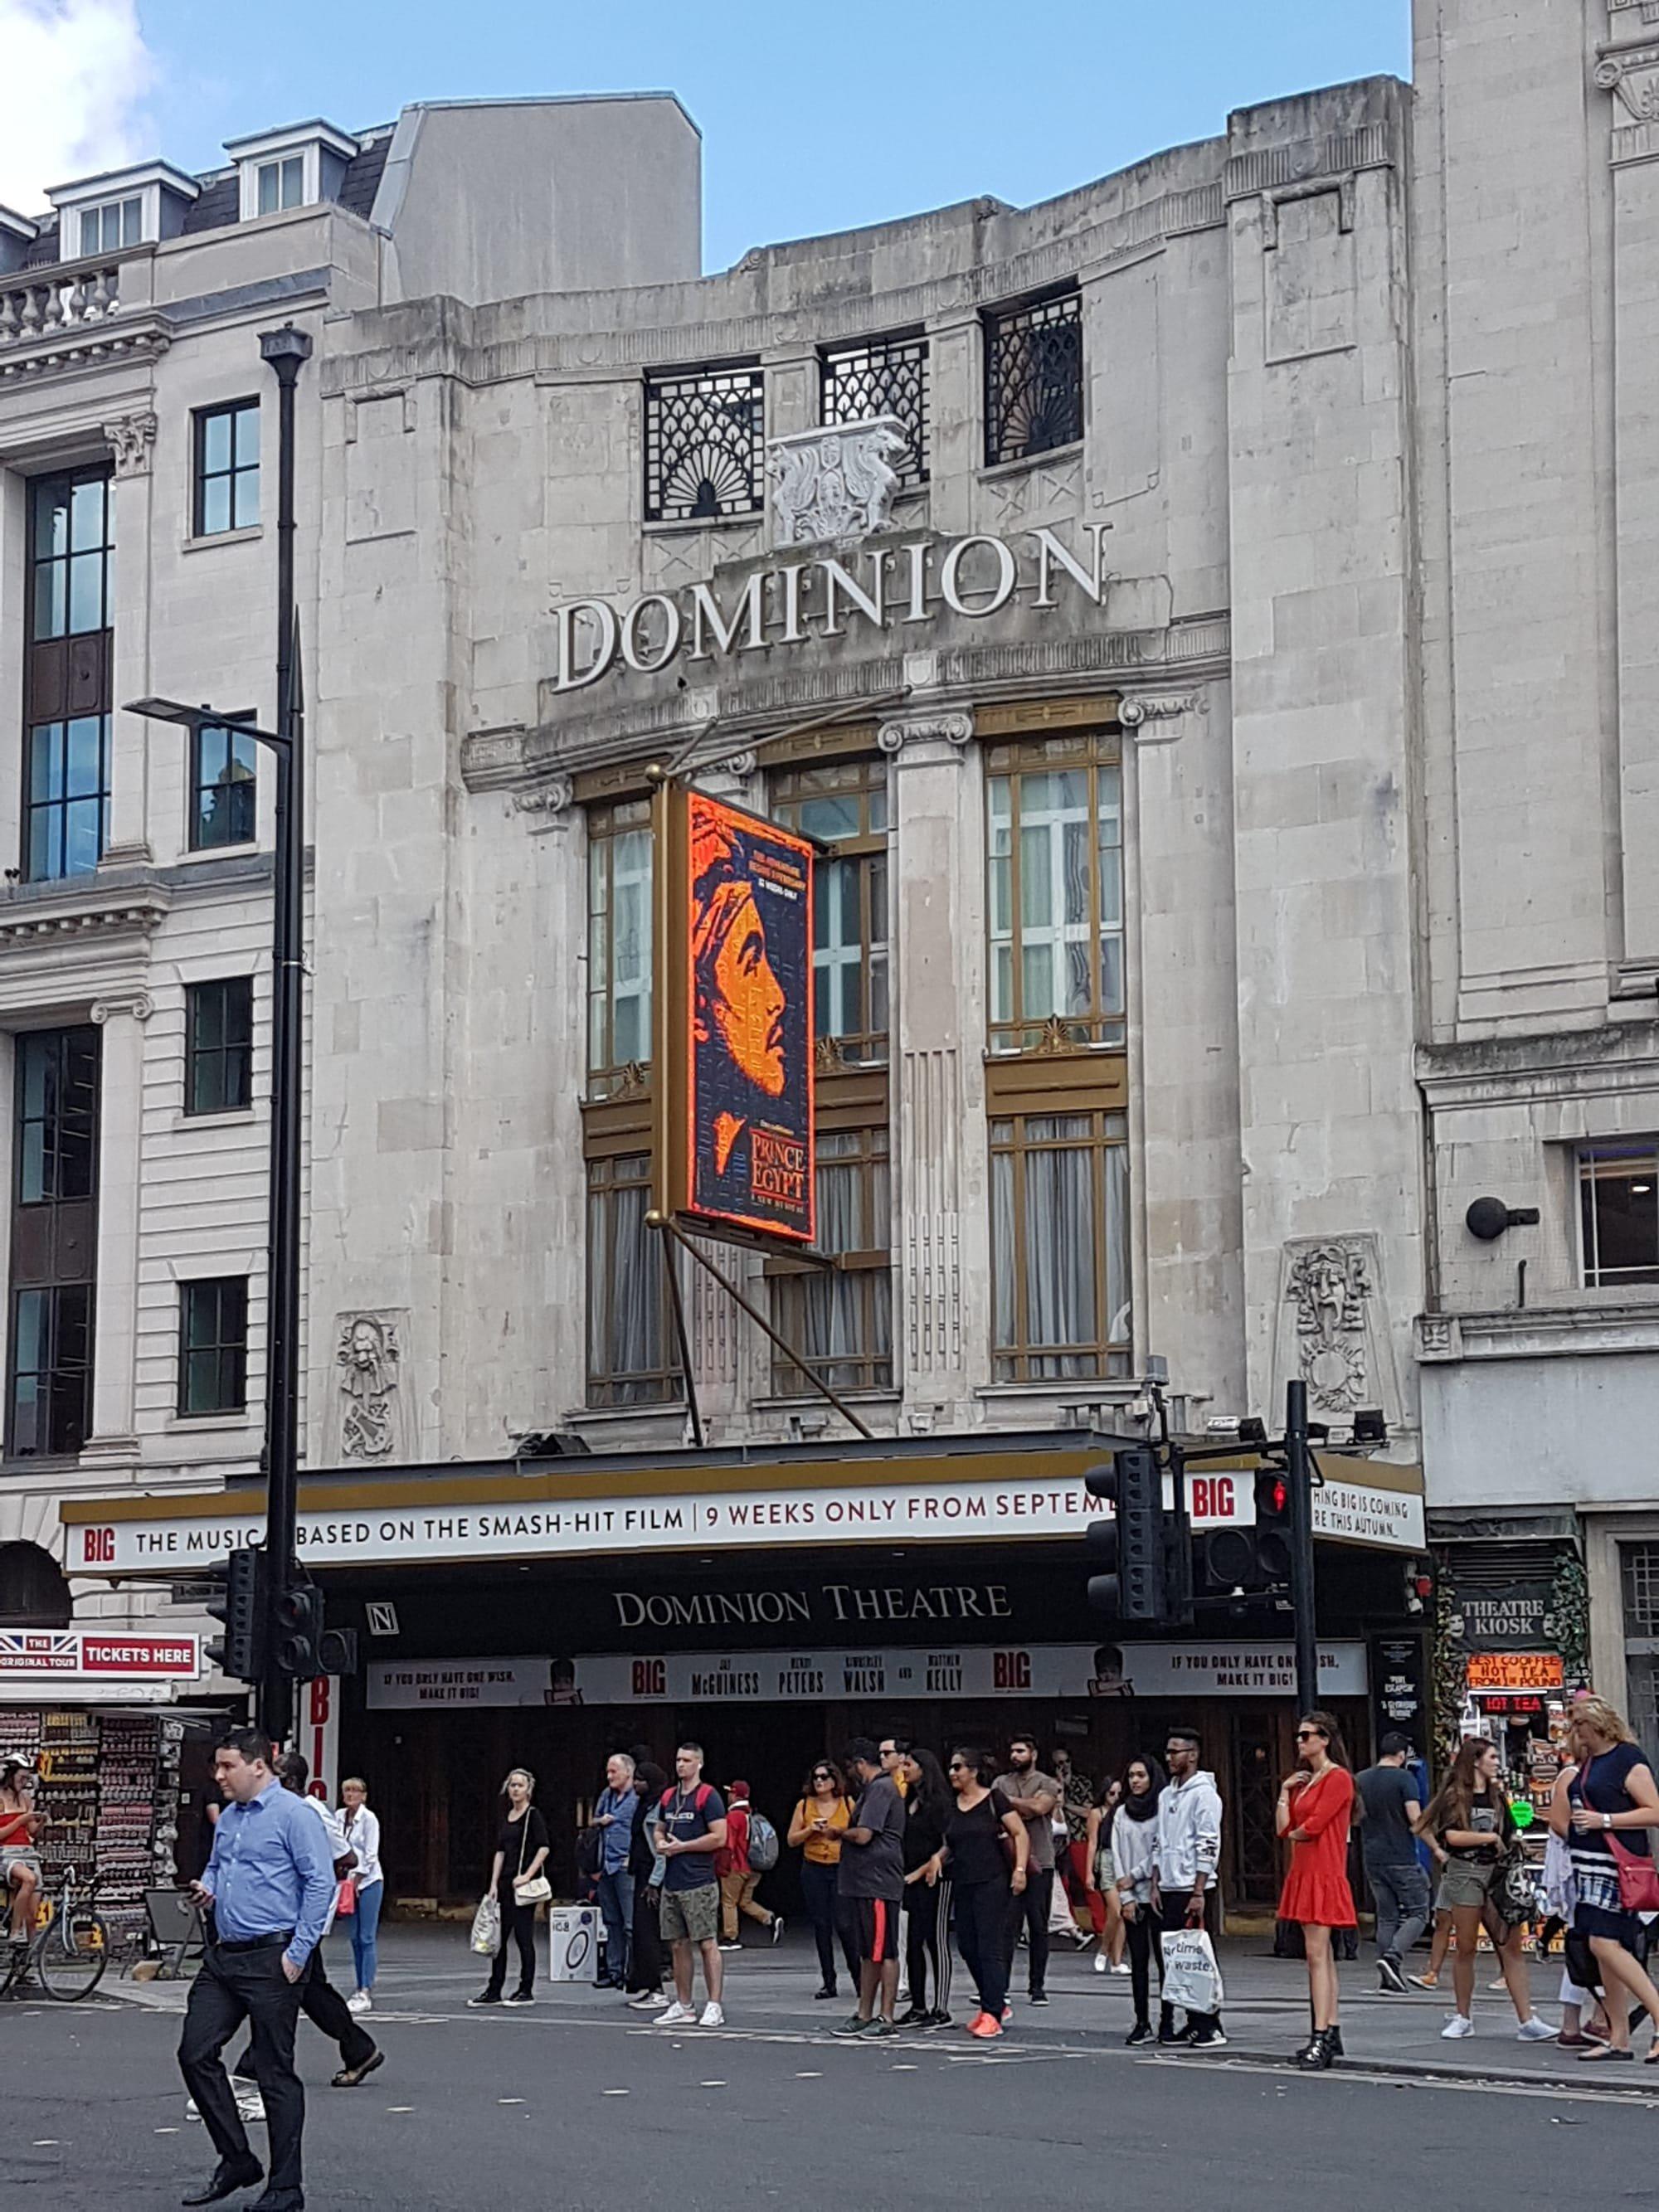 Dominion Theater